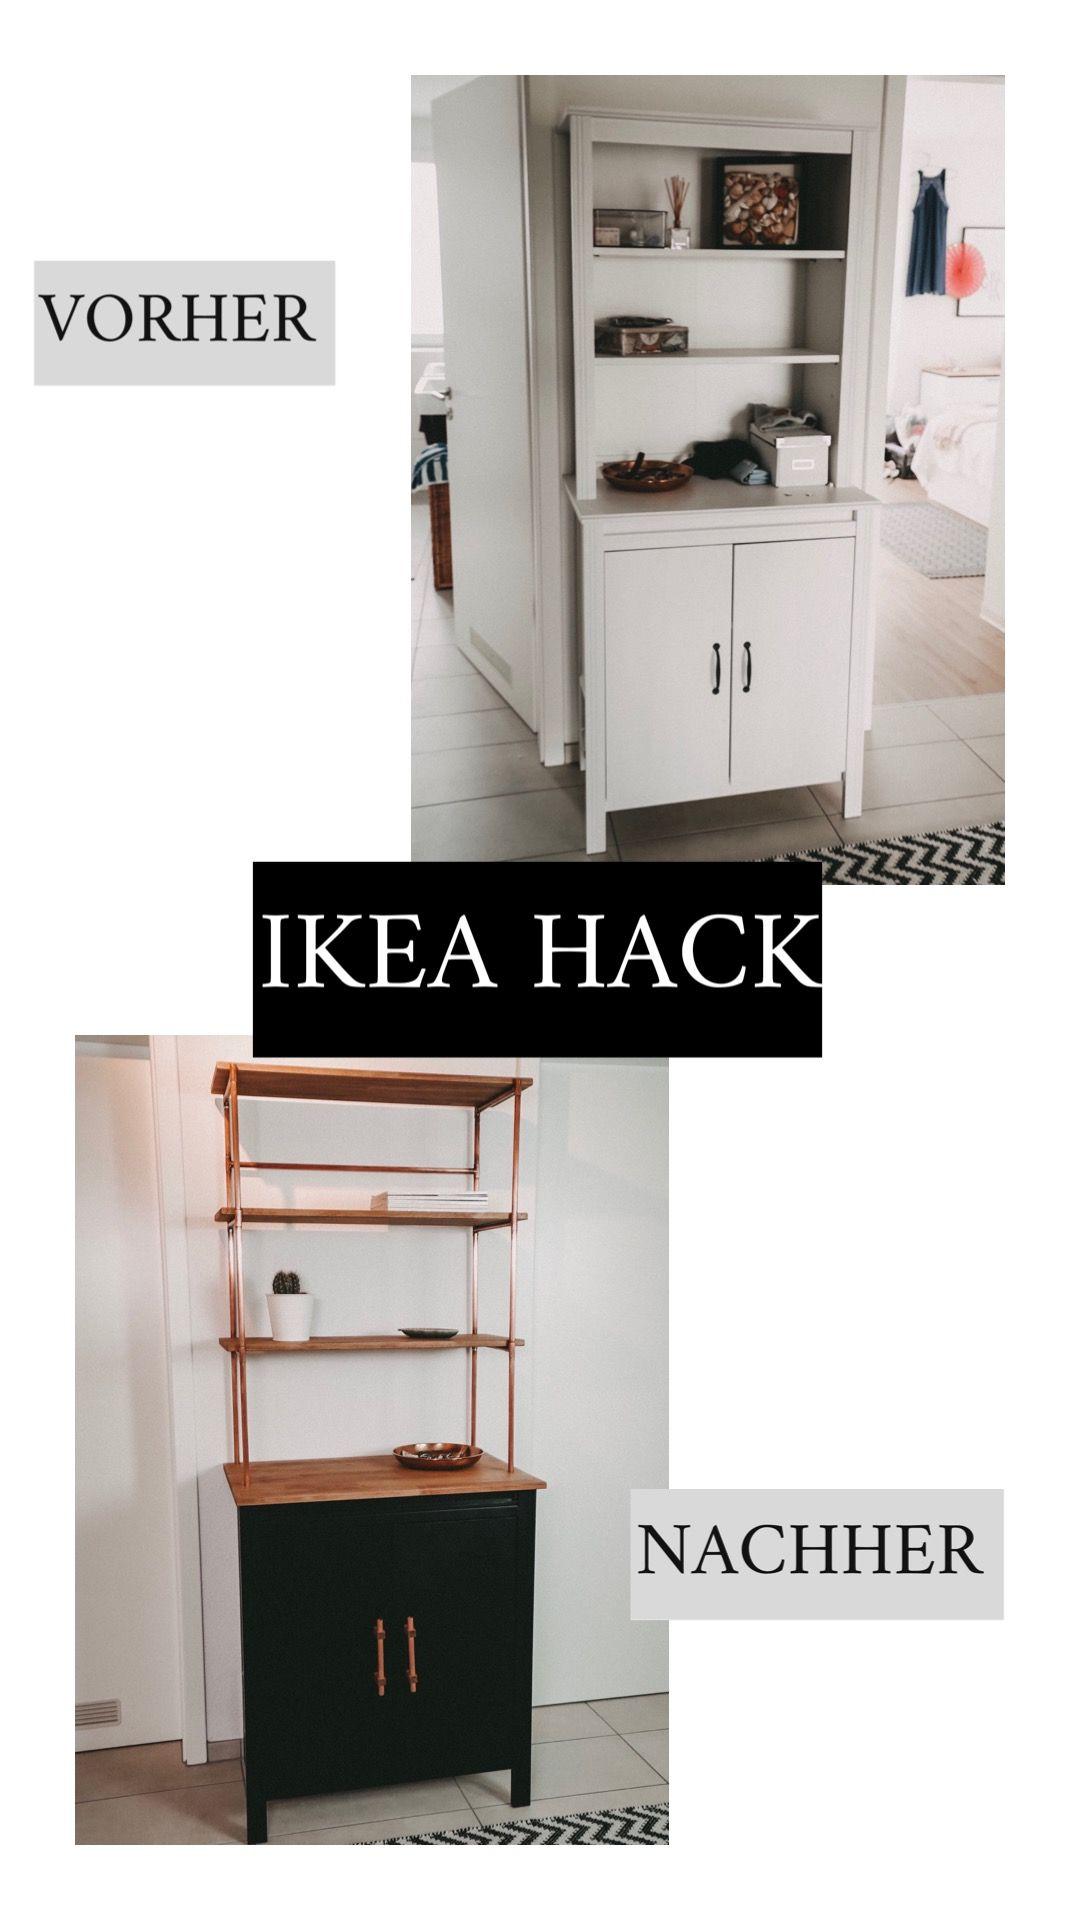 Ikea Hack Der Besonderen Art Ich Bin Großer Fan Von Upcycling Ideen